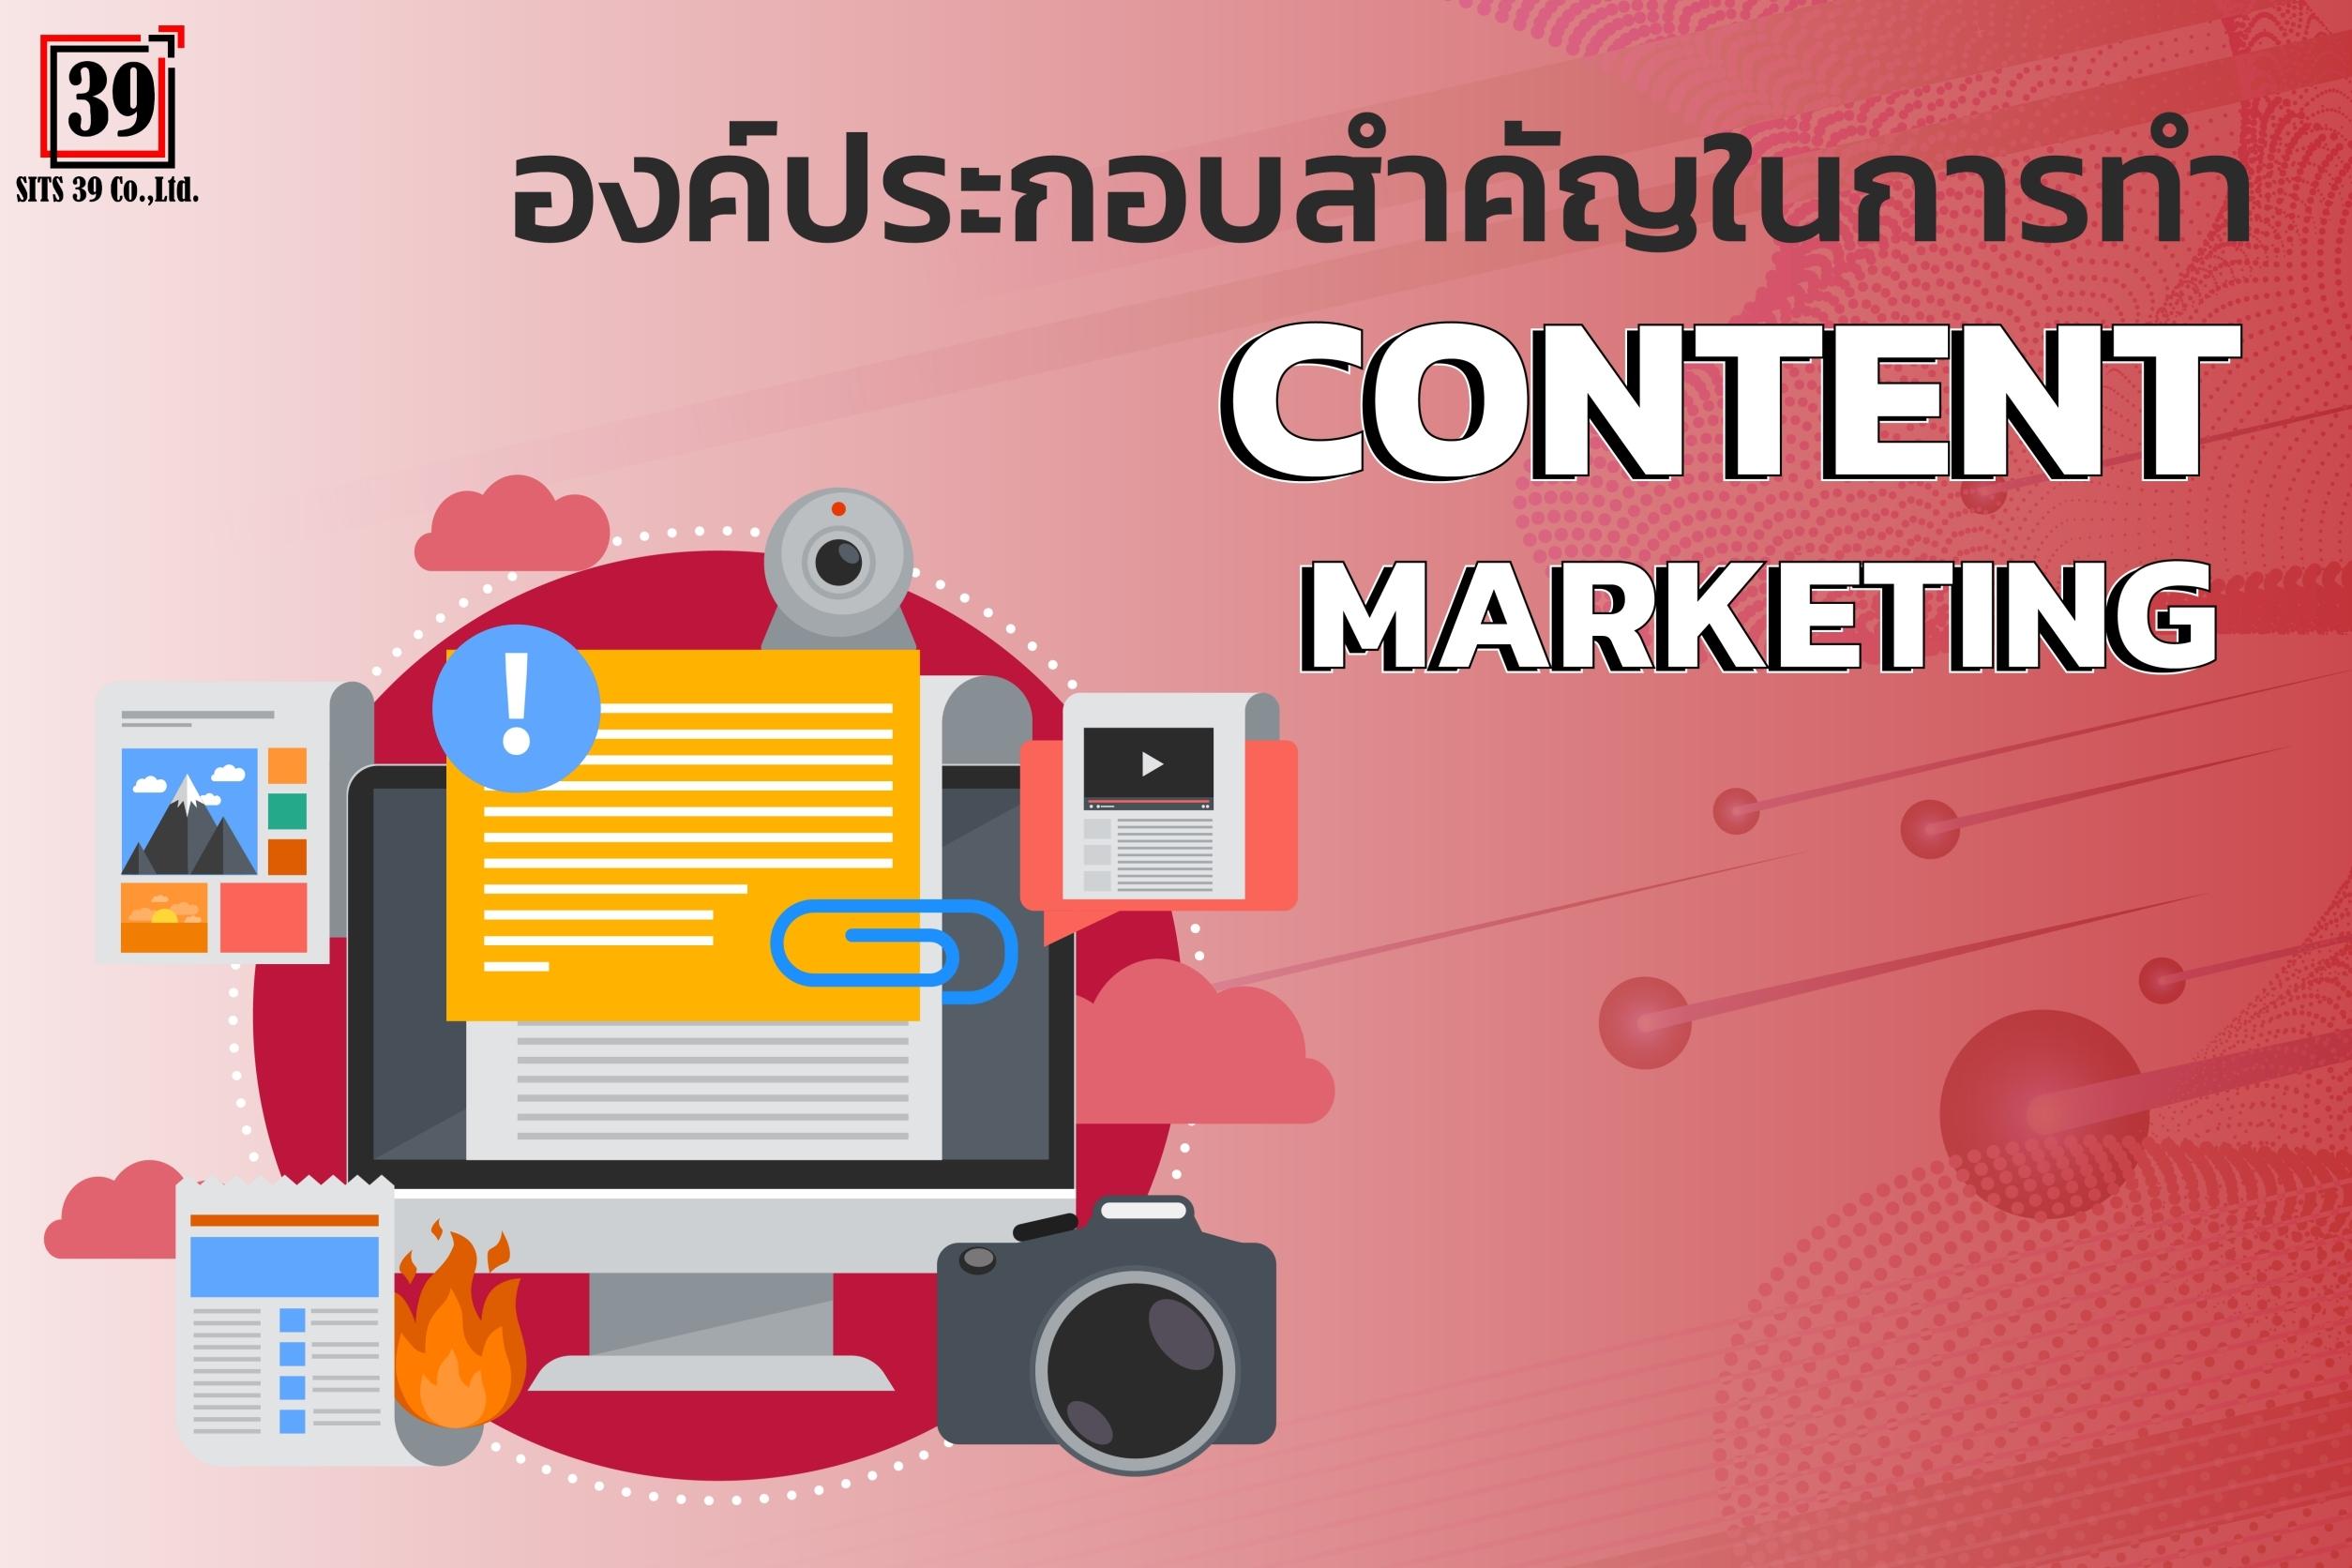 องค์ประกอบสำคัญในการทำ content marketing